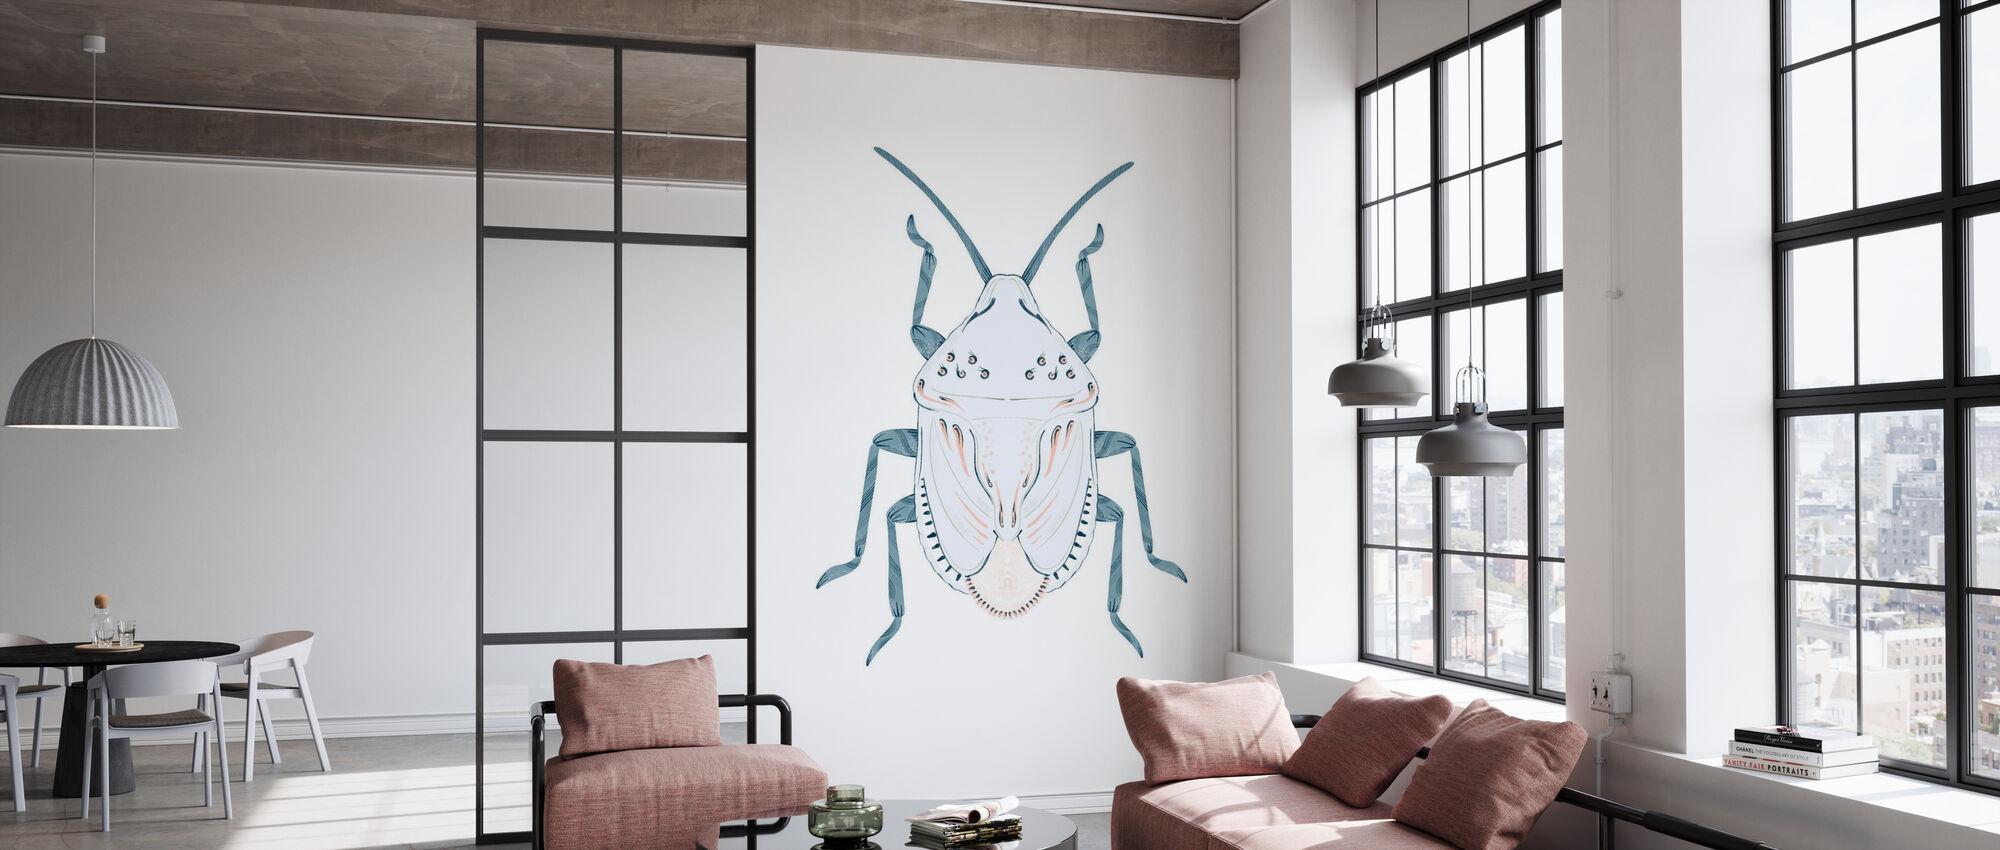 Stinkfly - Wallpaper - Office